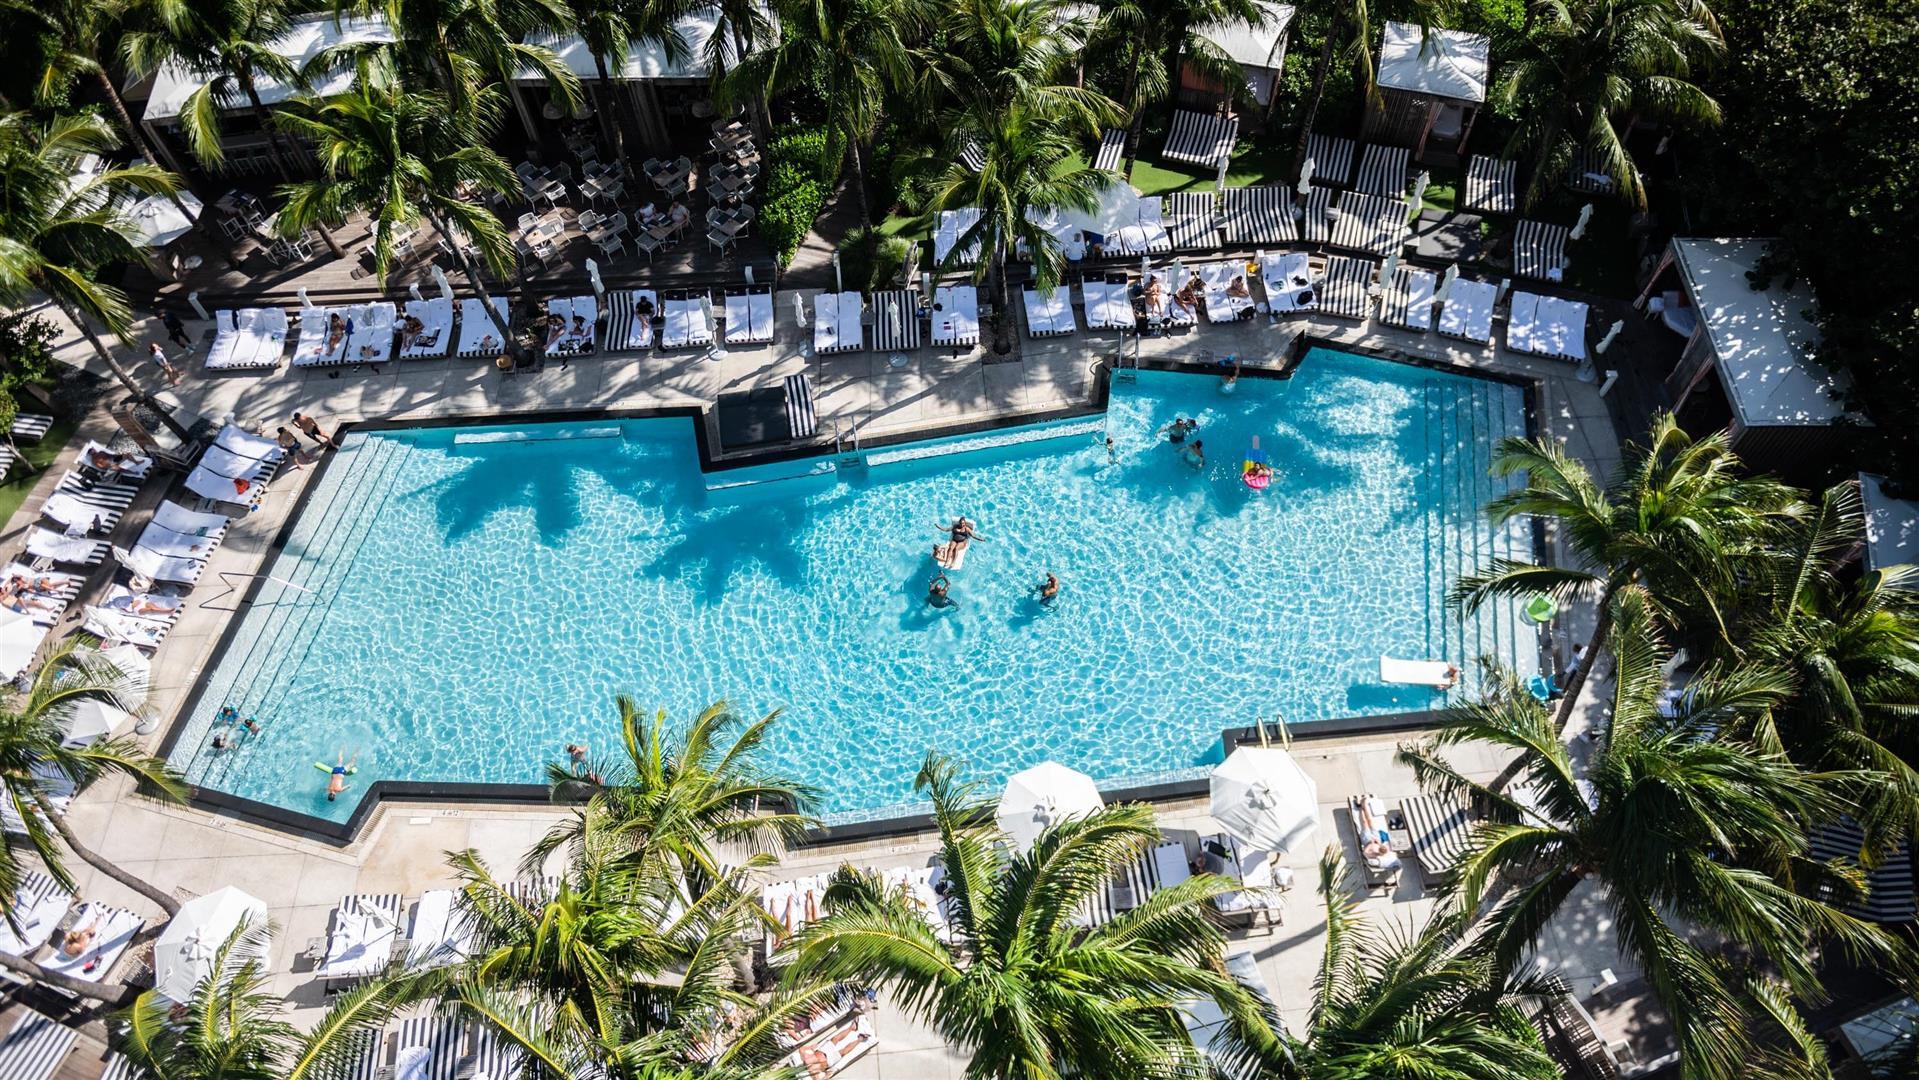 1741cece85684972b80622a47a202b27 LARGE - Hotels Near 347 Don Shula Dr Miami Gardens Fl 33056